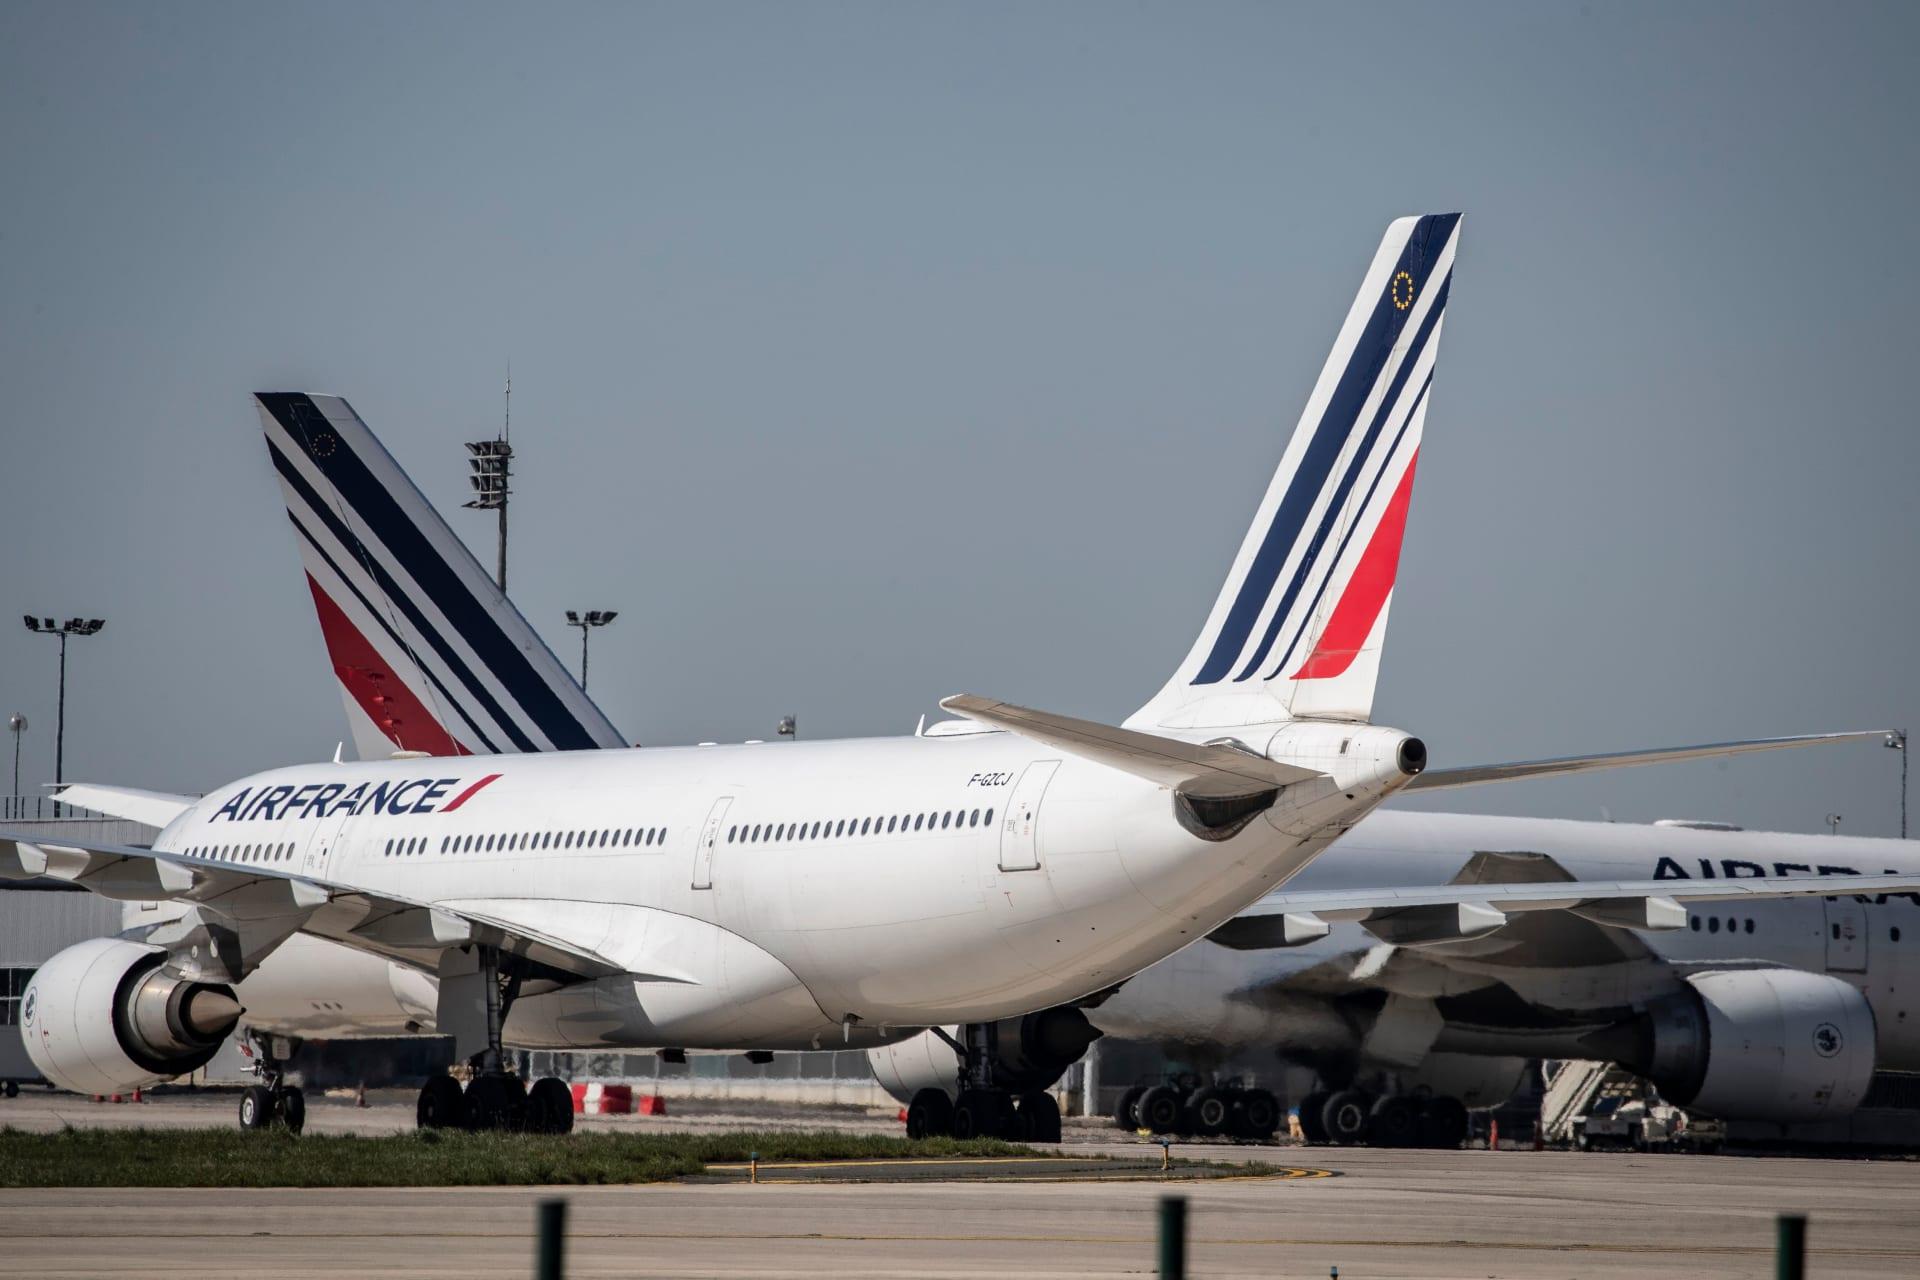 إخلاء طائرة ركاب فرنسية بعد الاشتباه في عبوة ناسفة